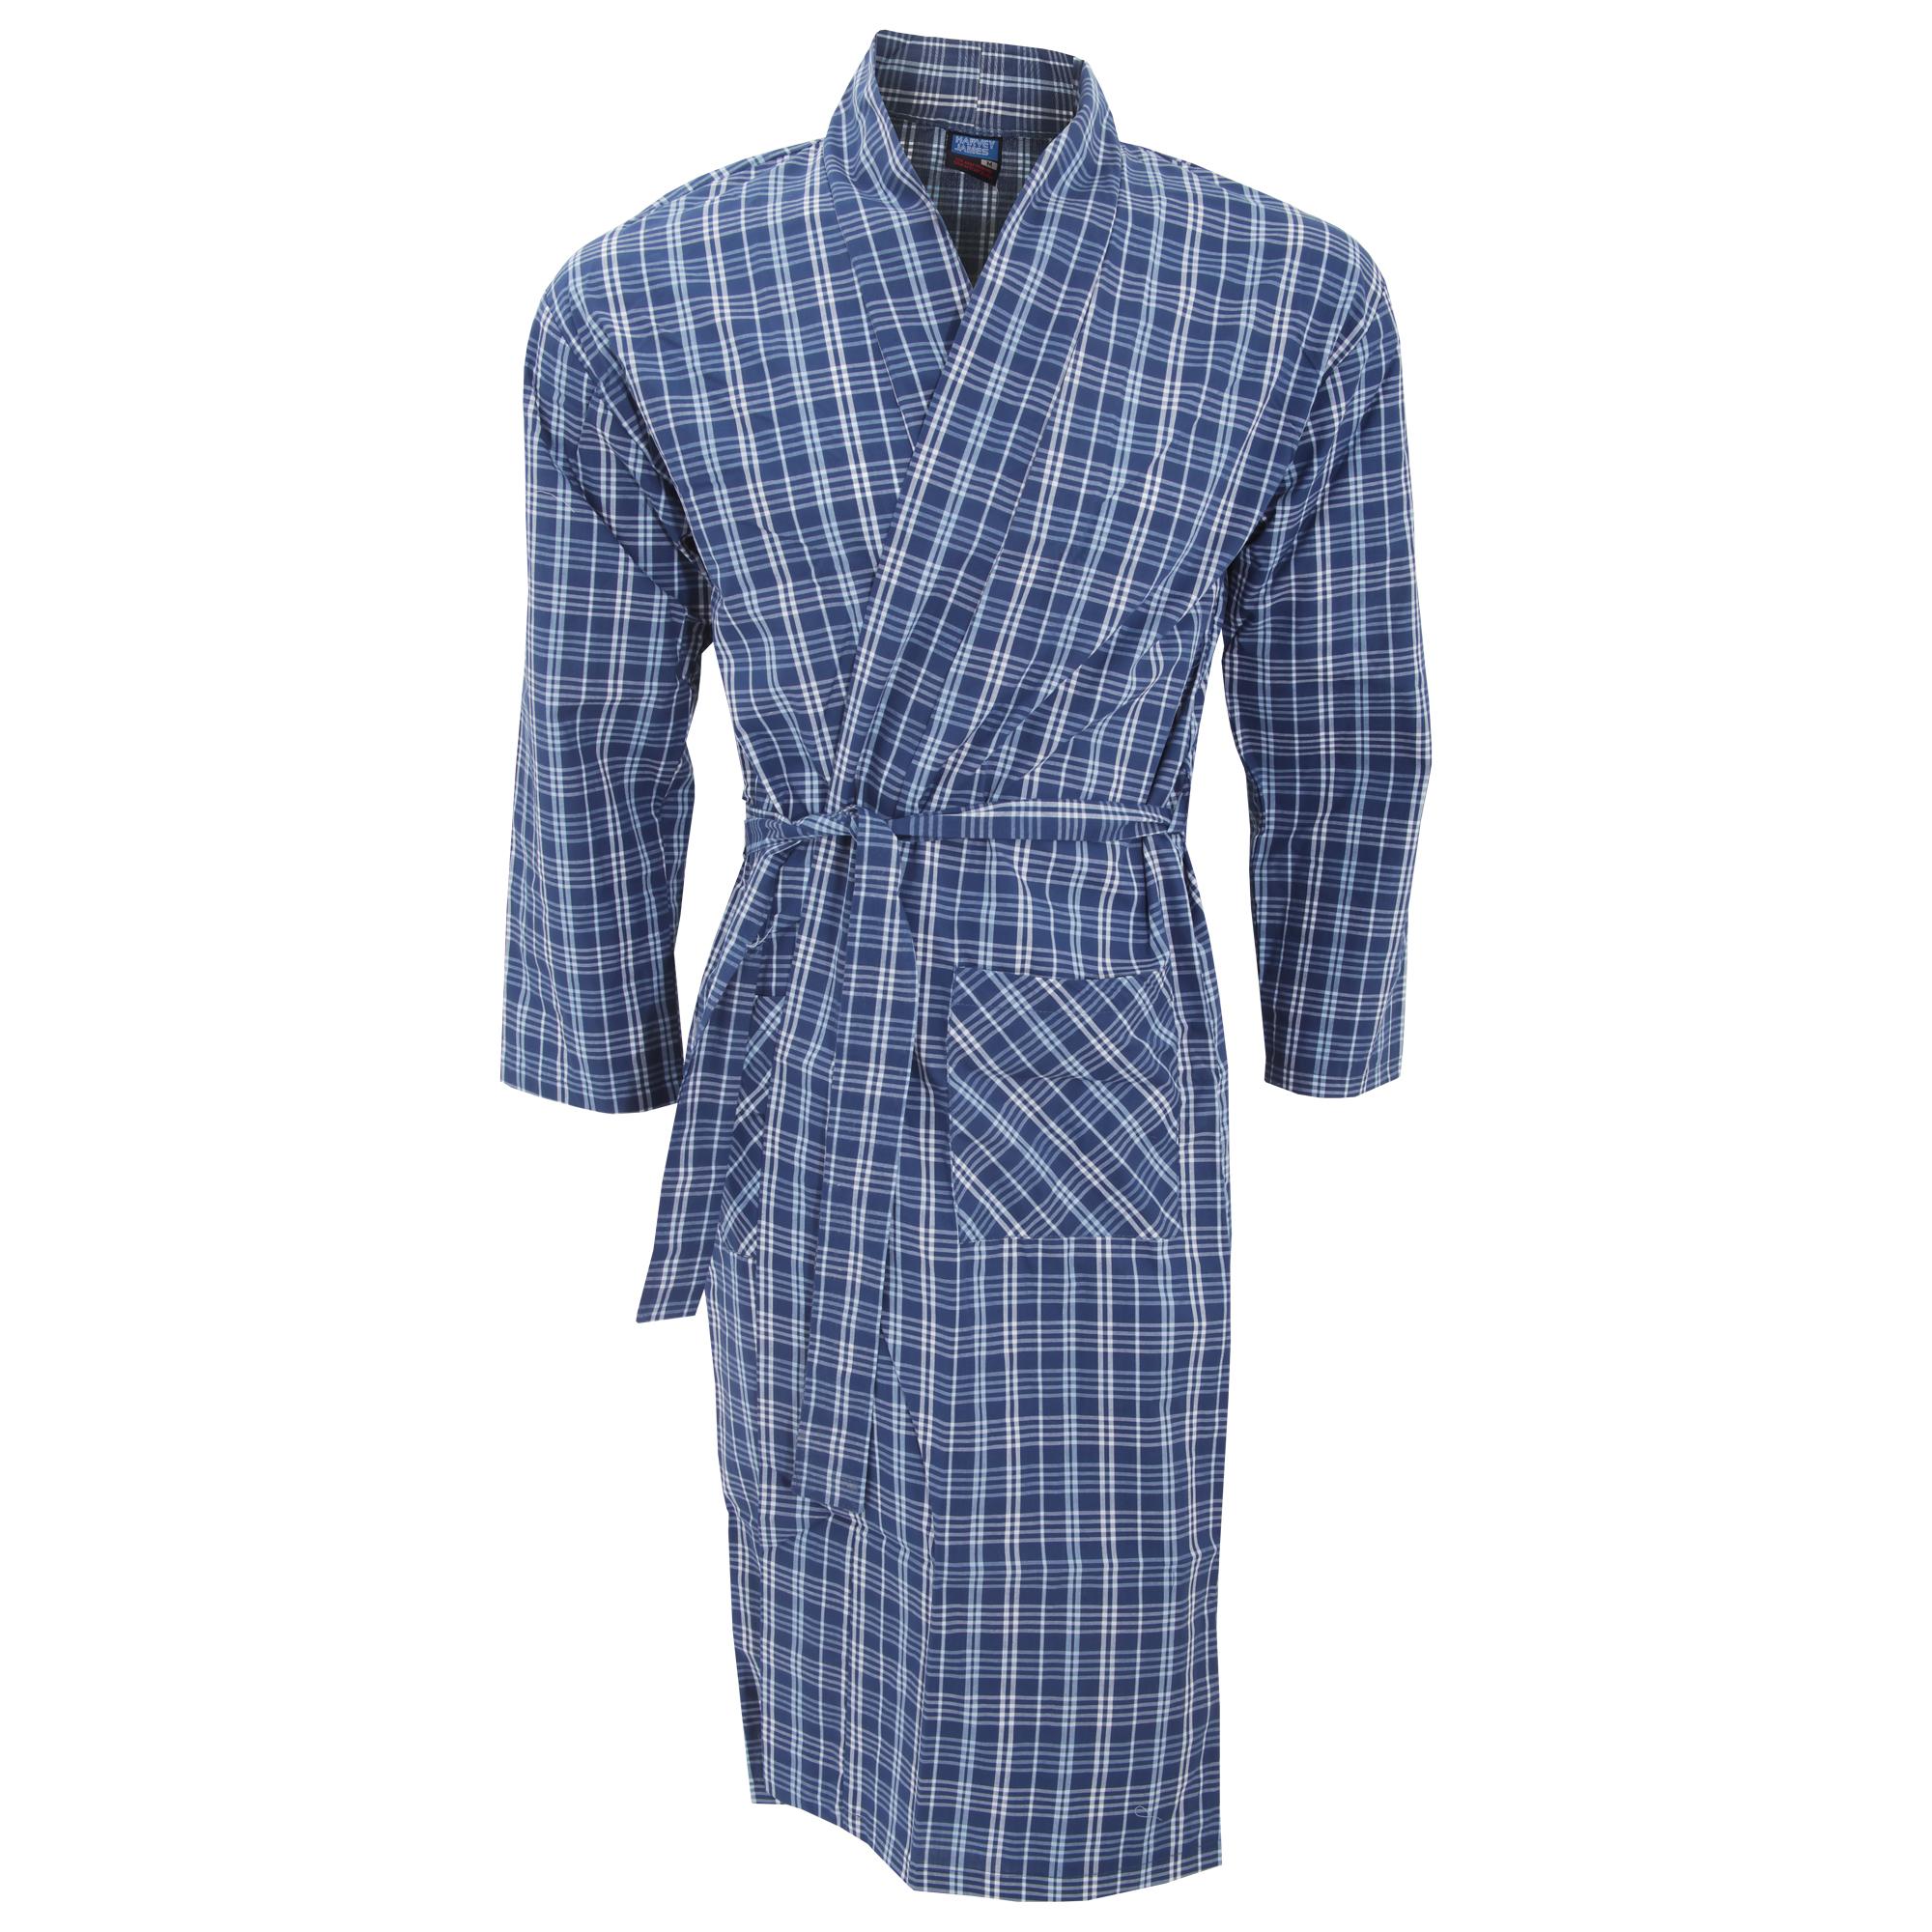 Bata-Kimono-estampado-ligero-hombre-caballero-N766